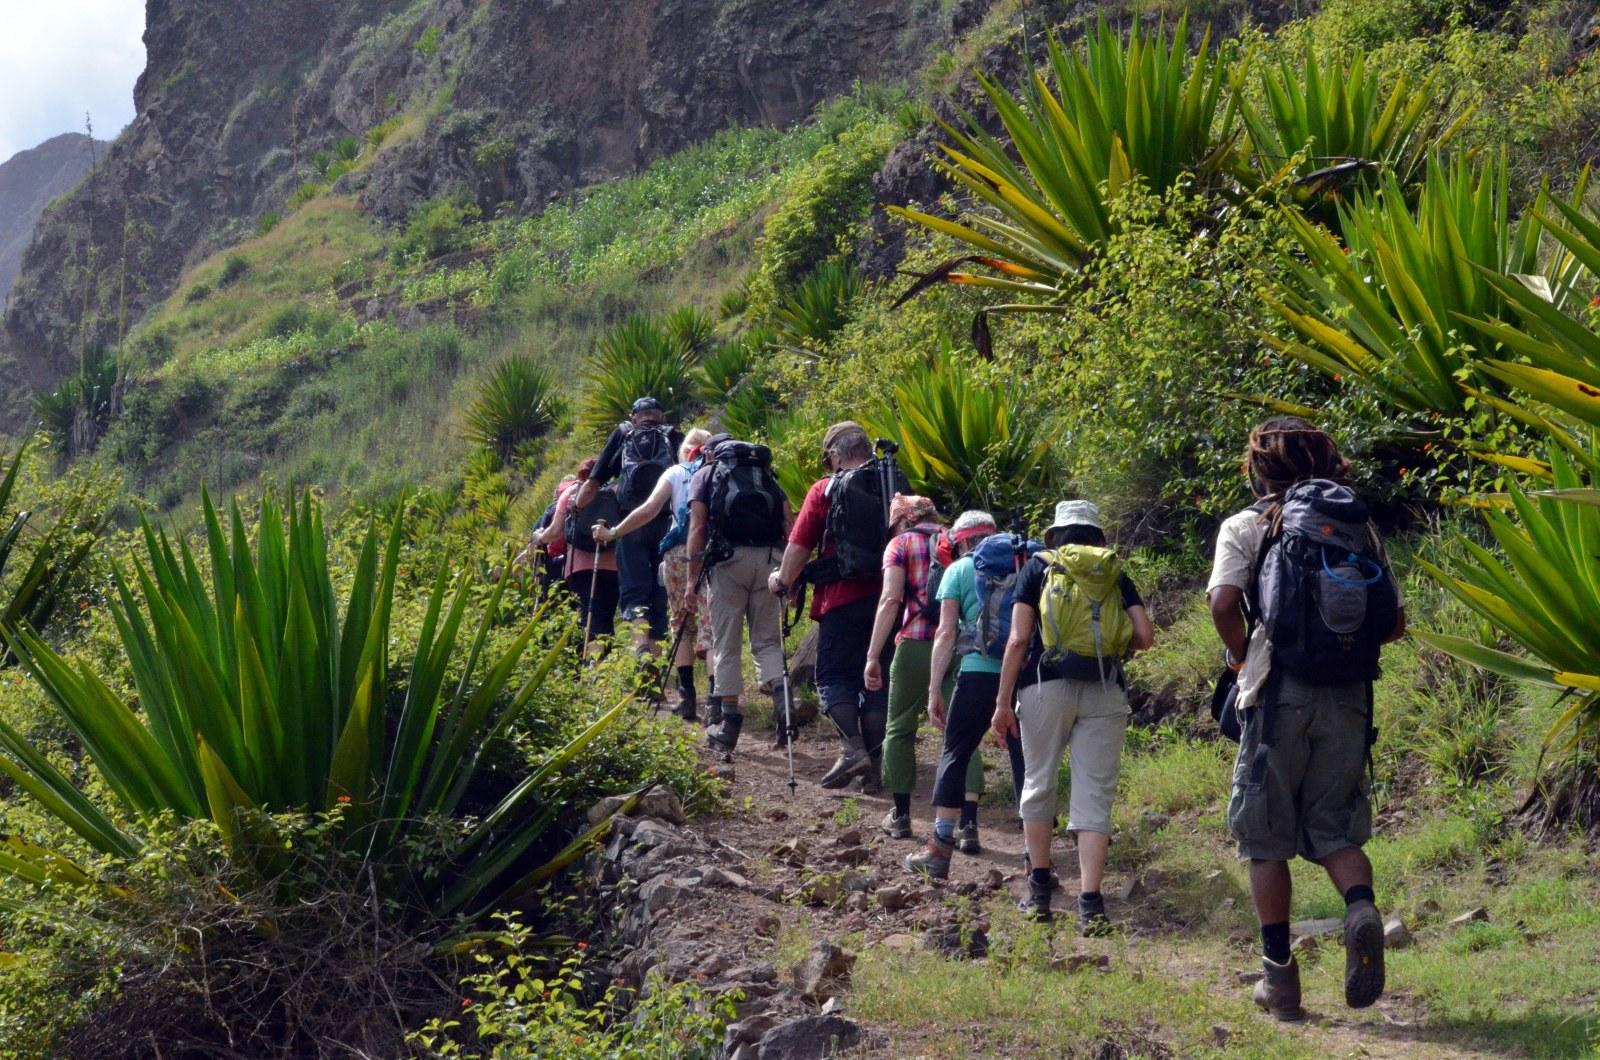 Santo Antao: Die ca. 6-stündige leicht bis mittelschwere Wanderung zum Pico de Antonio nach Figueiral führt Sie durch tropische Landschaften mit fantastischen Ausblicken. Tritt- und Schwindelfreiheit sowie gutes Schuhwerk sind Voraussetzungen für diese Tour im grünen Val do Paul. Die Wanderung endet im tropischen Tal von Figueiral.